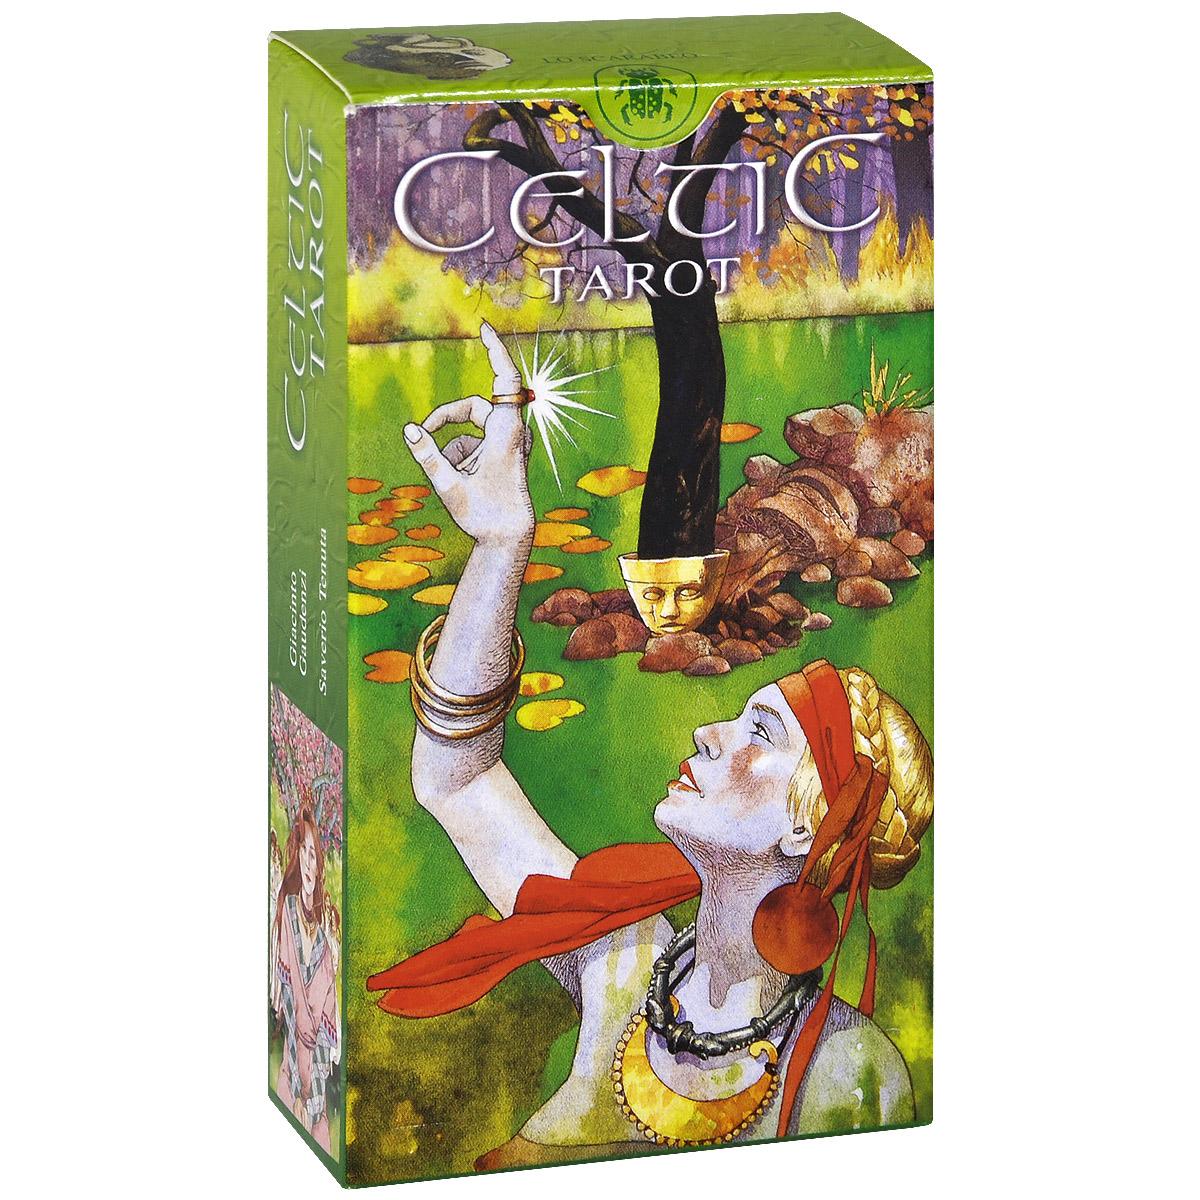 Карты Кельтские Таро, 78 карт951312Таро - это универсальный инструмент, который можно использовать множеством разных способов. Таро может помочь вам прояснить прошлое, сделать верные выборы сегодня и предвидеть возможные будущие результаты. Колода карт Кельтские Таро, основанная на образах кельтской мифологии, является воплощением современной трактовки древней кельтской магии и мифов. Этот набор будет интересен не только гадателям, но и тем, кто увлекается историей и культурой кельтов. Карты нарисованы двумя итальянскими художниками: Giacinto Gaudenzi создал старшие арканы, а Saverio Tenuta - младшие. Каждая карта - маленькое путешествие в древний загадочный мир, каждый Аркан - источник эзотерических традиций древних кельтов. Не зря один из самых популярных раскладов Таро называется кельтский крест. Эта колода позволит вам прикоснуться к неизведанному миру одной из самых загадочных культур, окунуться в их культуру и традиции. Родина кельтов - Древняя Англия - наследница магических знаний Древнего...